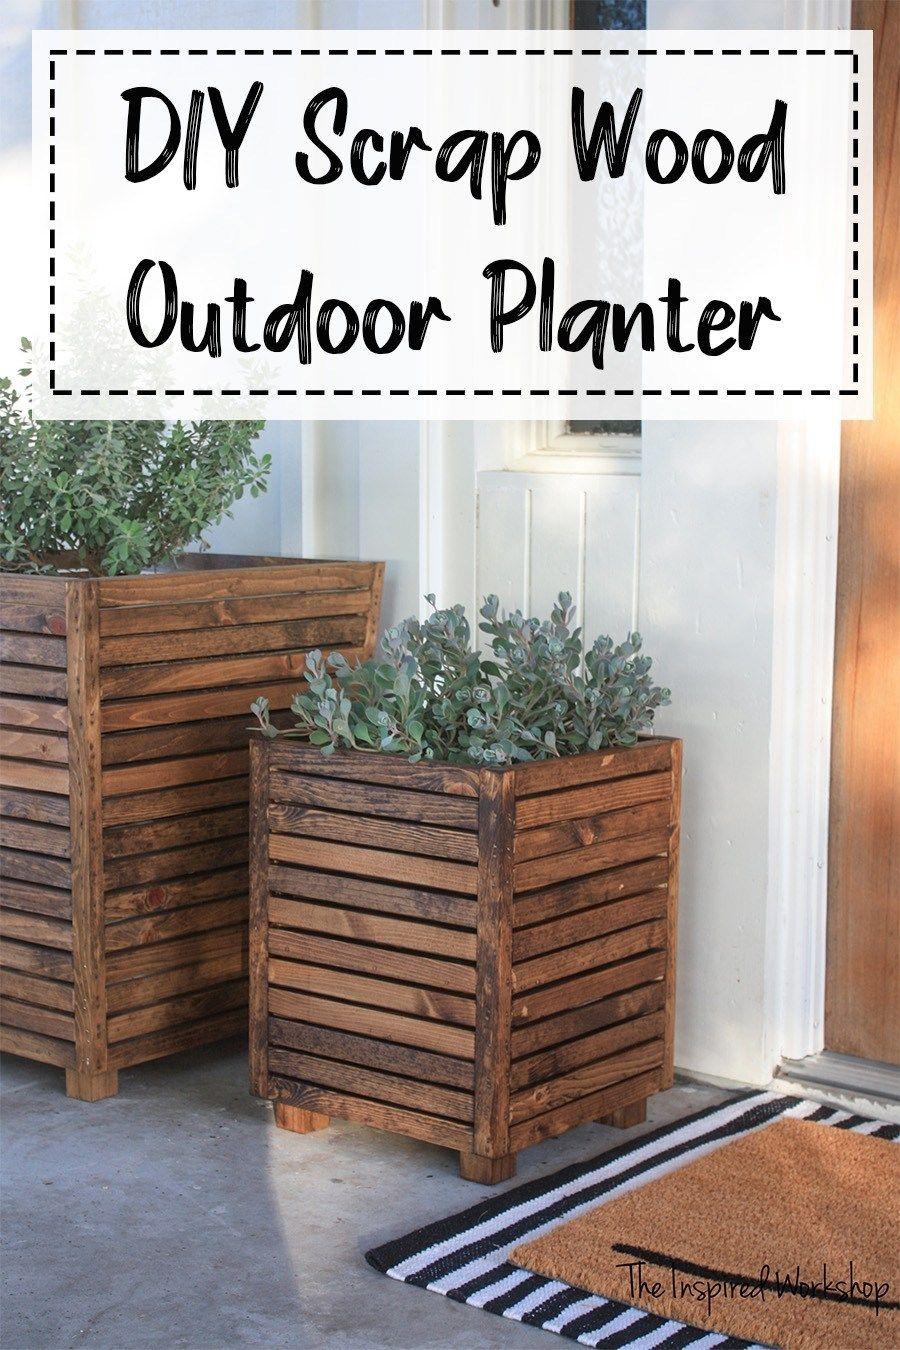 Diy Scrap Wood Outdoor Planter Diy Planters Outdoor Diy Planters Outdoor Planters